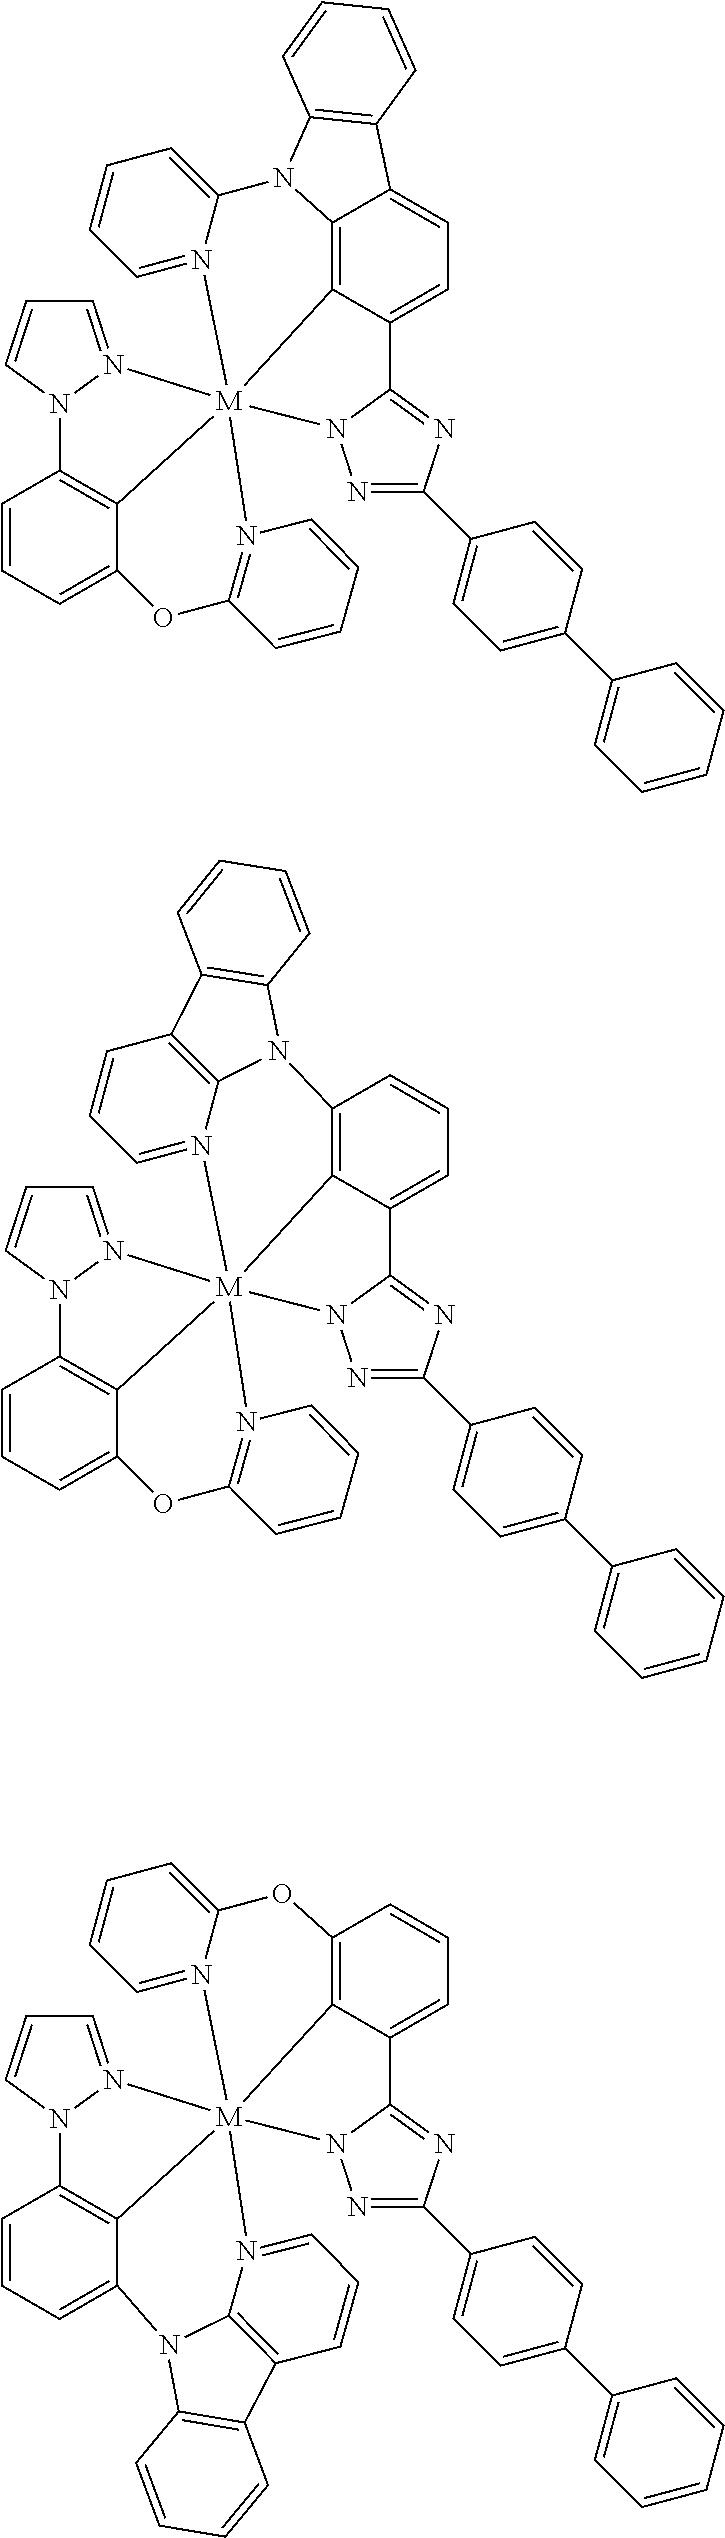 Figure US09818959-20171114-C00356